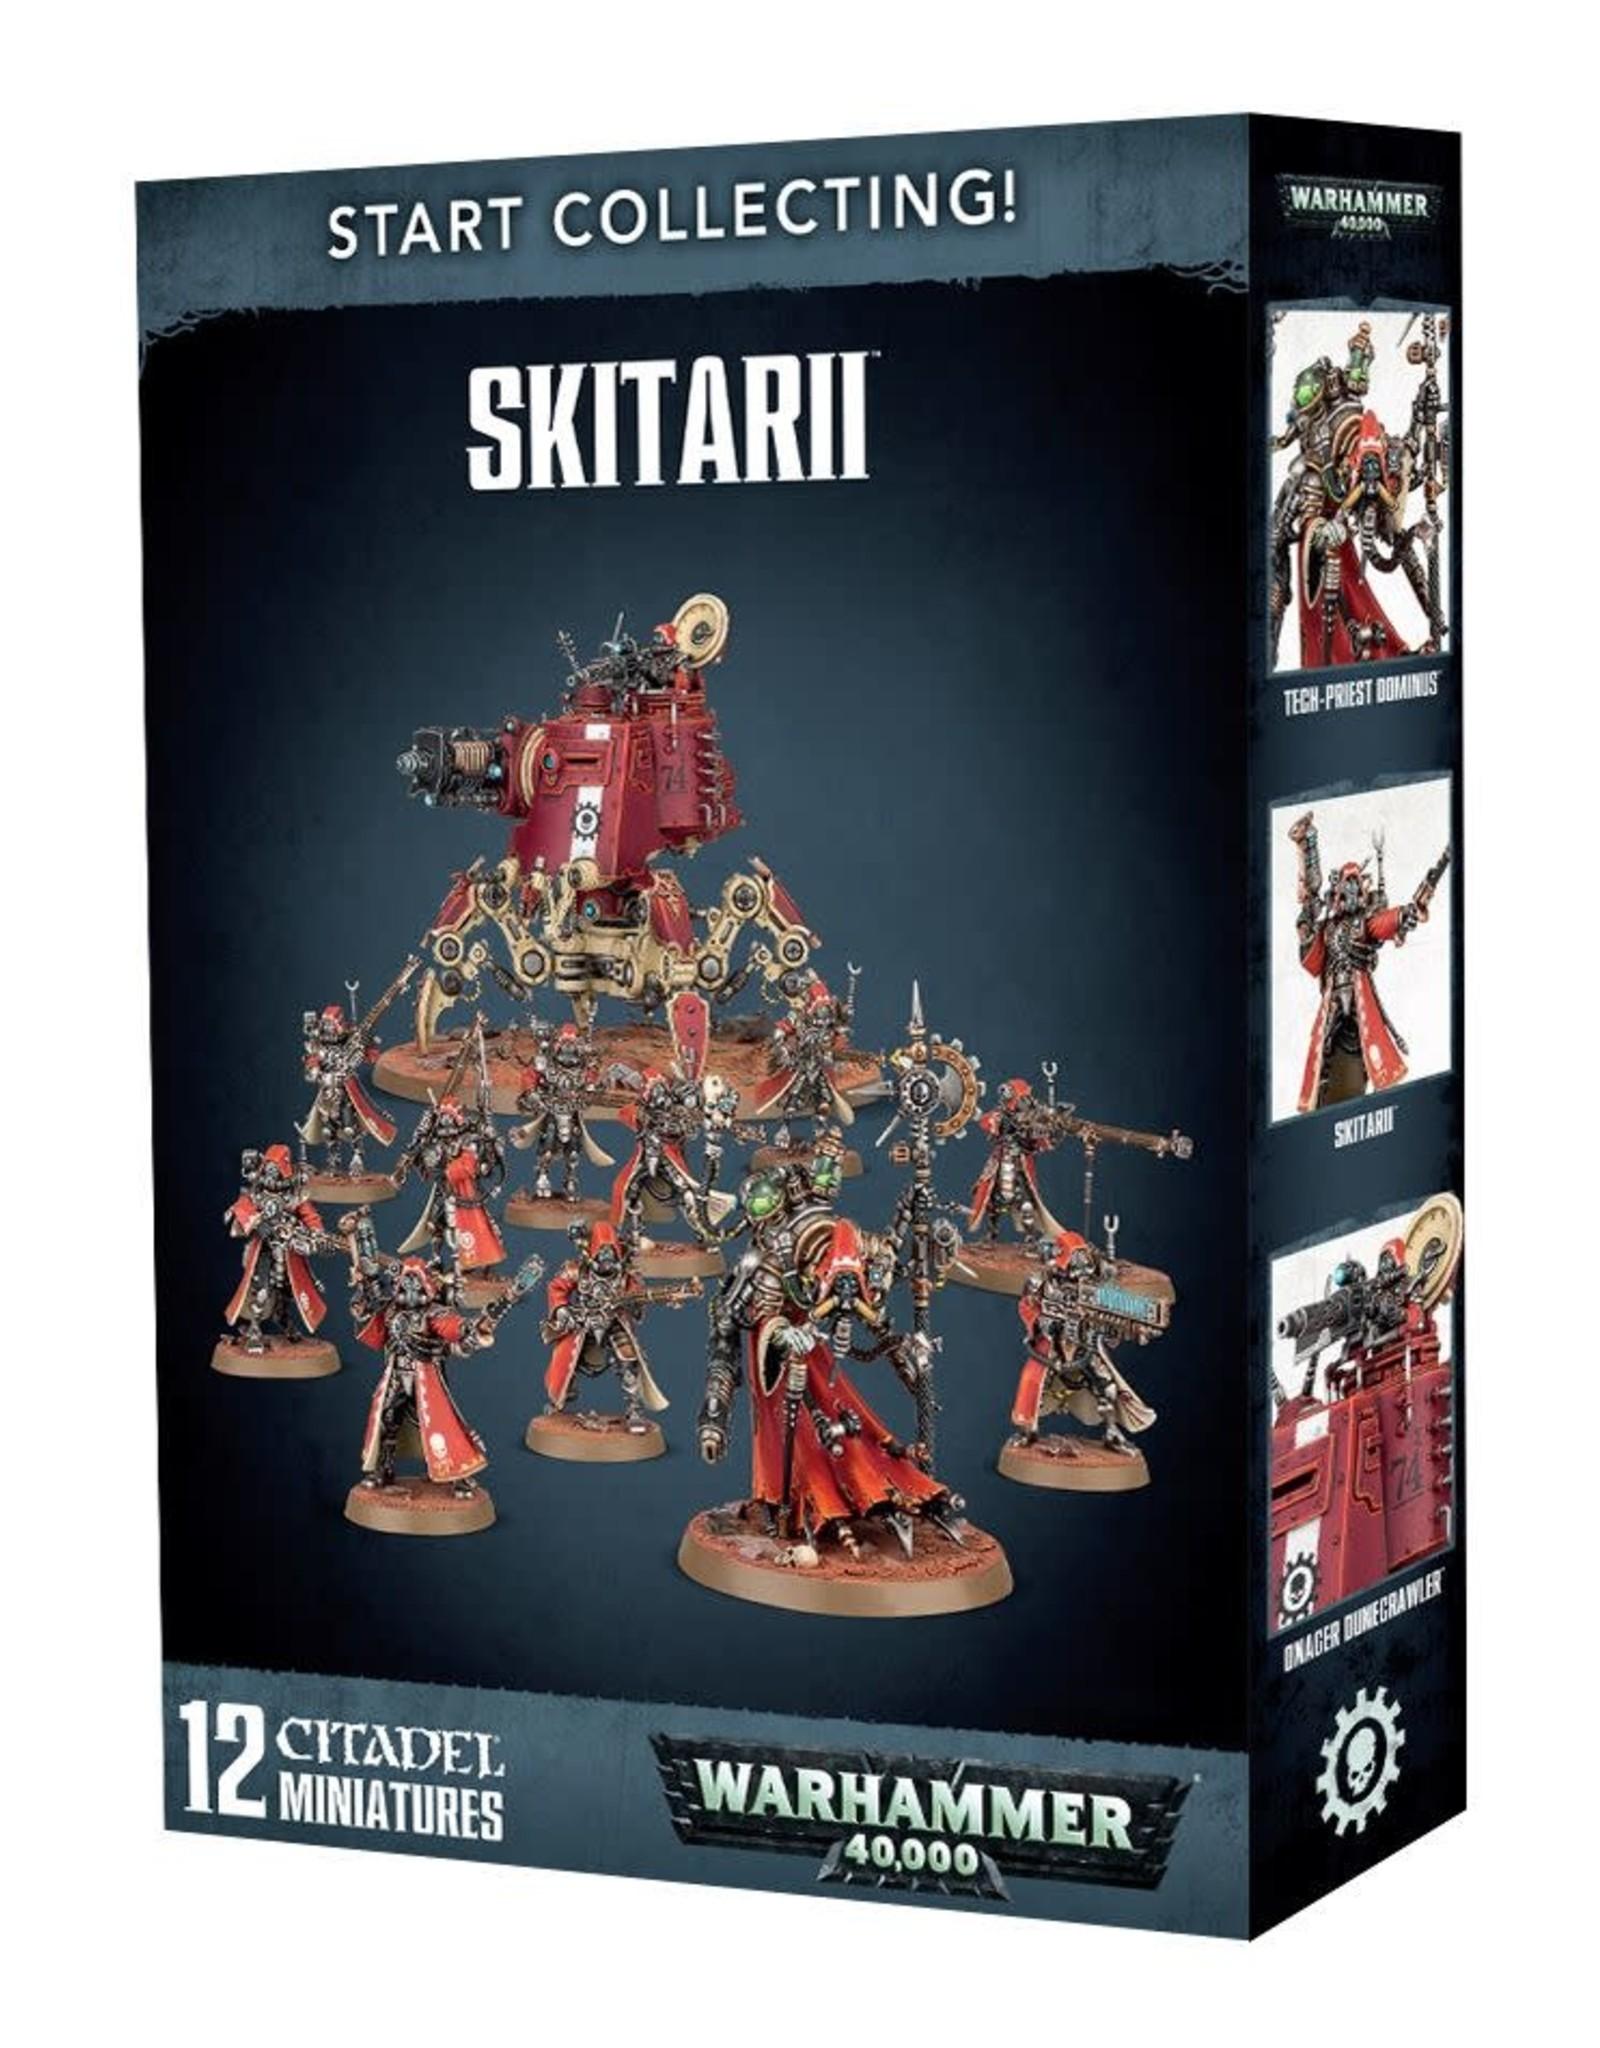 Warhammer 40K Start Collecting! Skitarii